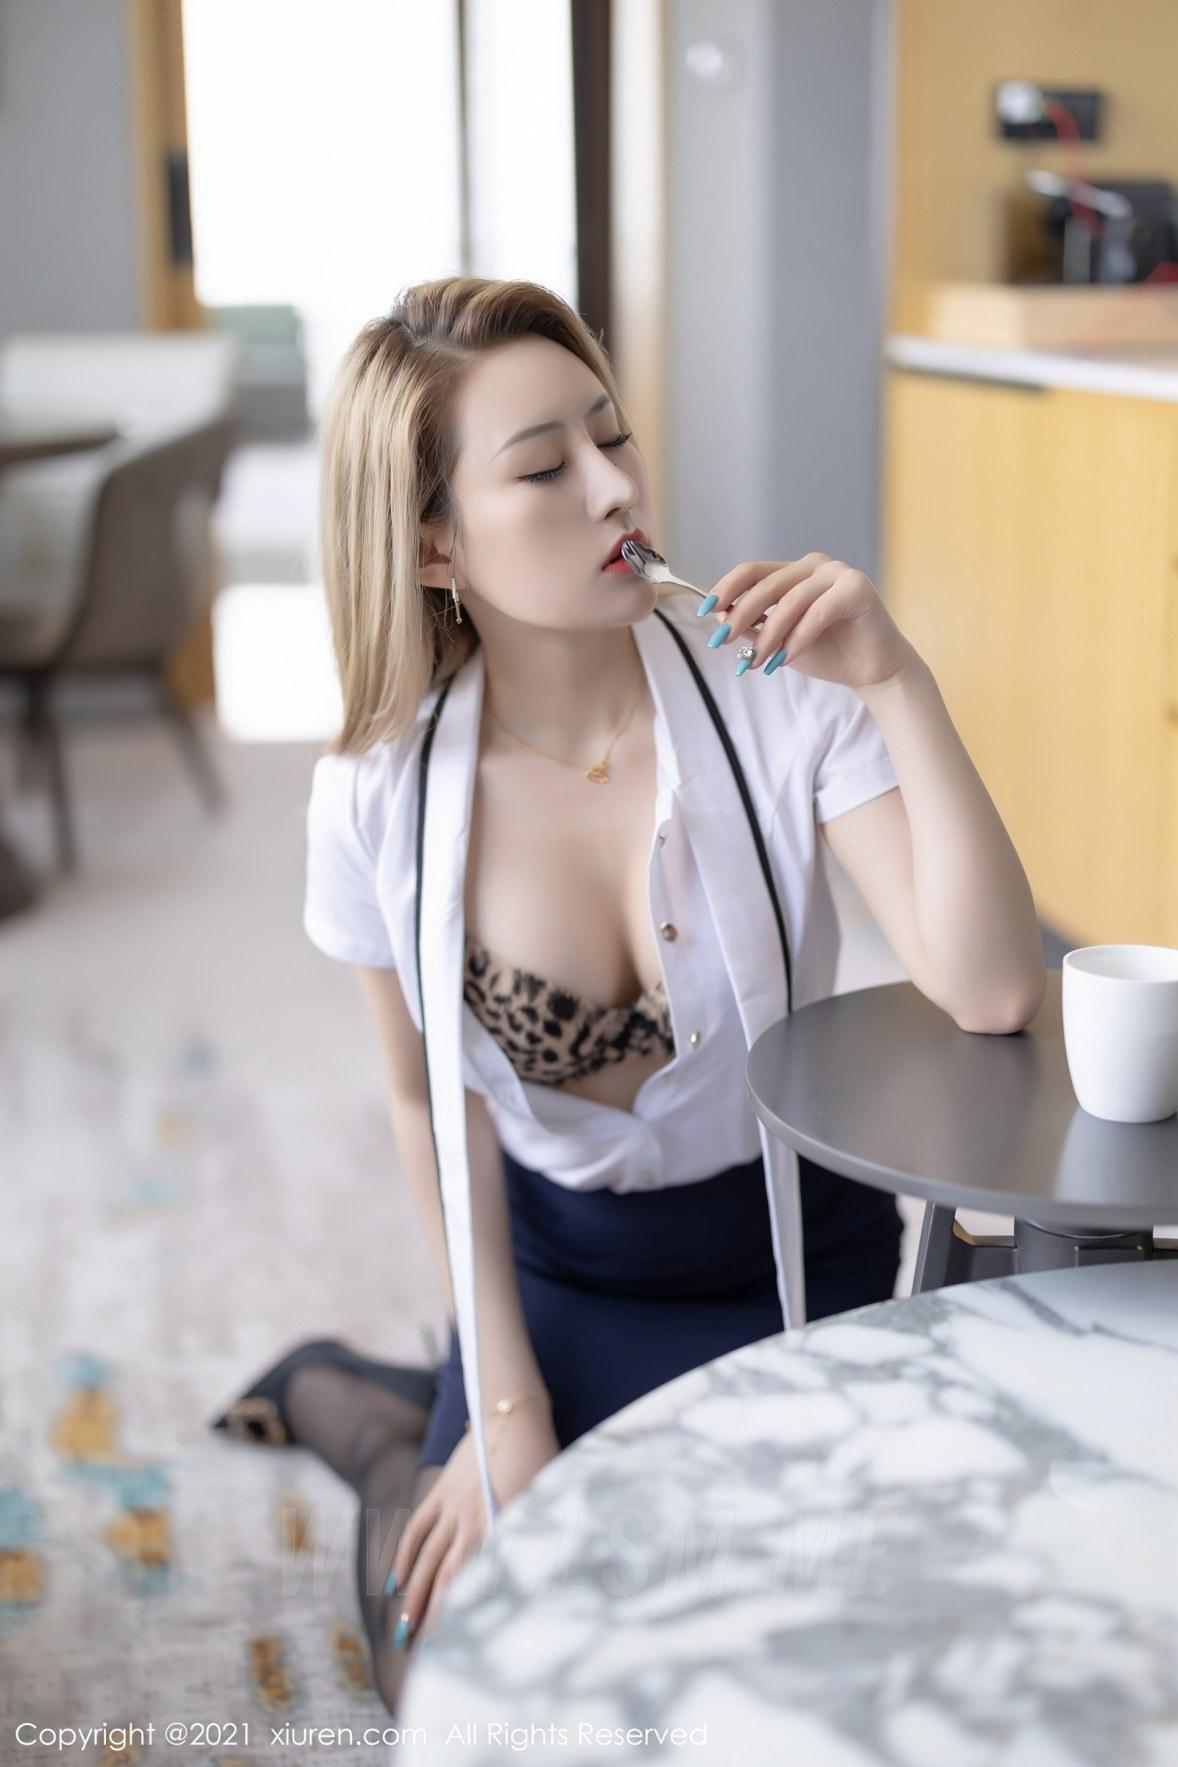 3511 023 6ng 3600 5400 - XiuRen 秀人 No.3511  白衬衫黑丝 张欣欣 性感写真 - 秀人网 -【免费在线写真】【丽人丝语】